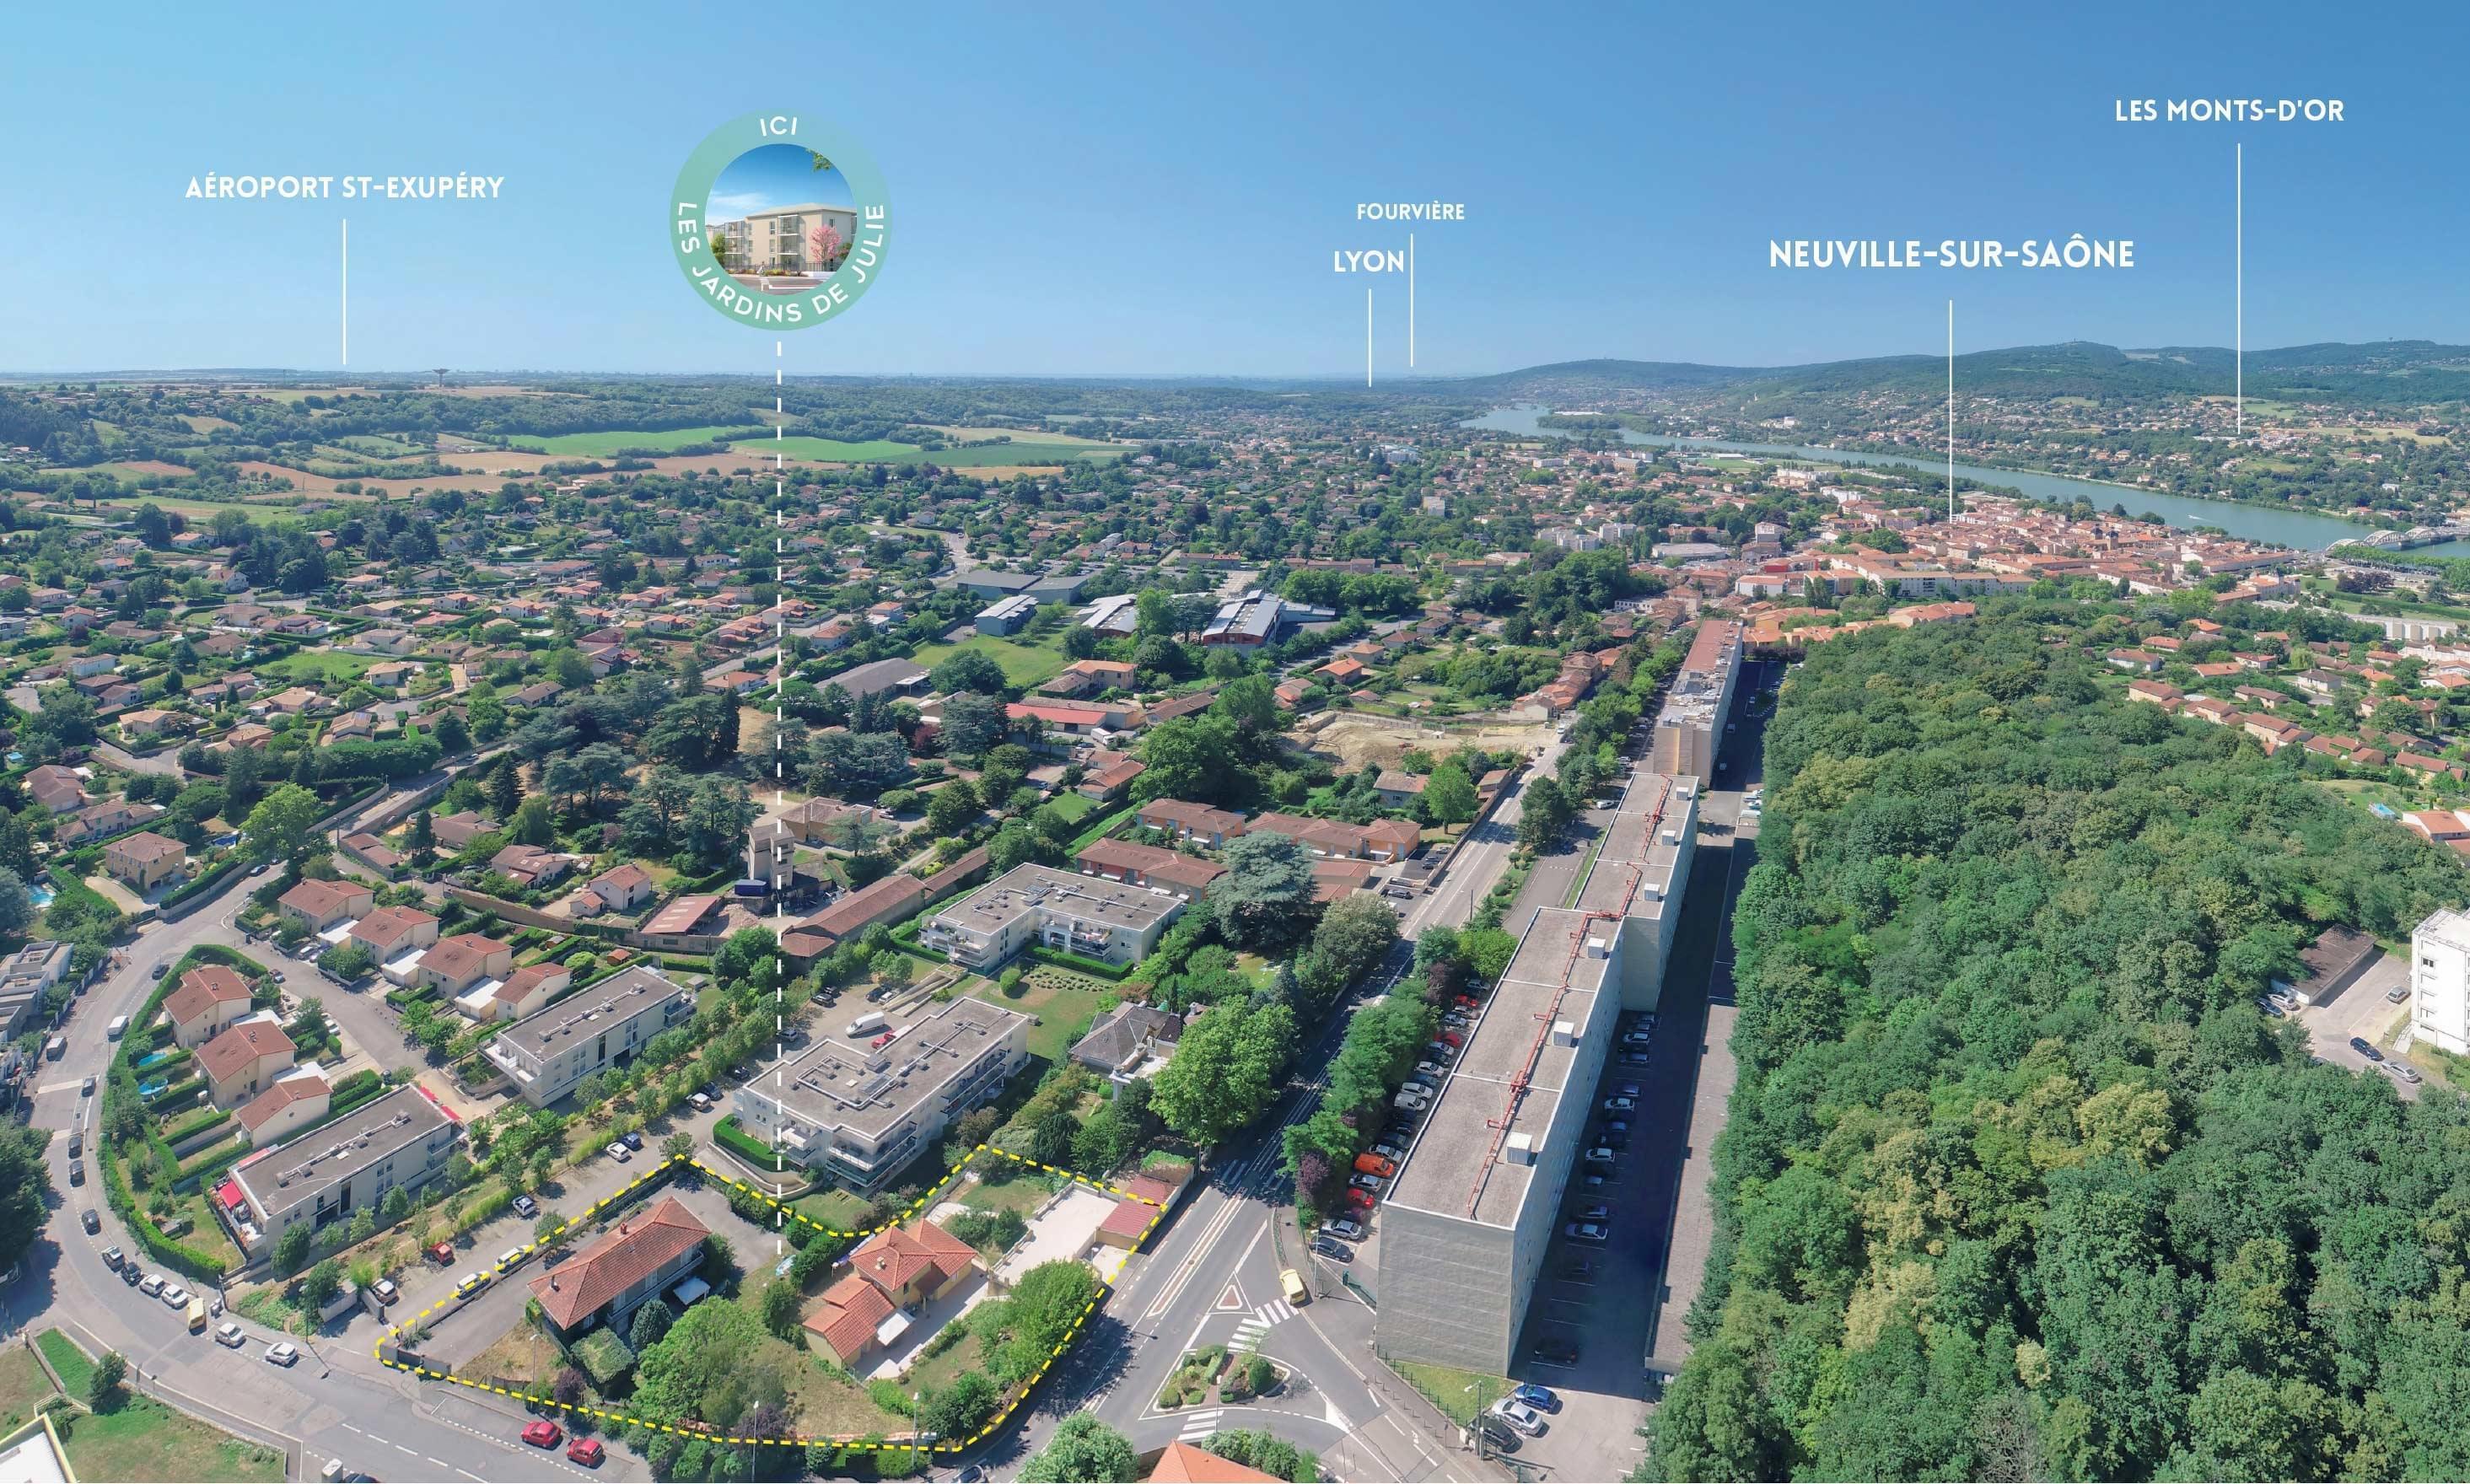 Résidence à Neuville sur Saône Petite copropriété, Appartements neufs lumineux, Espaces verts agréables,